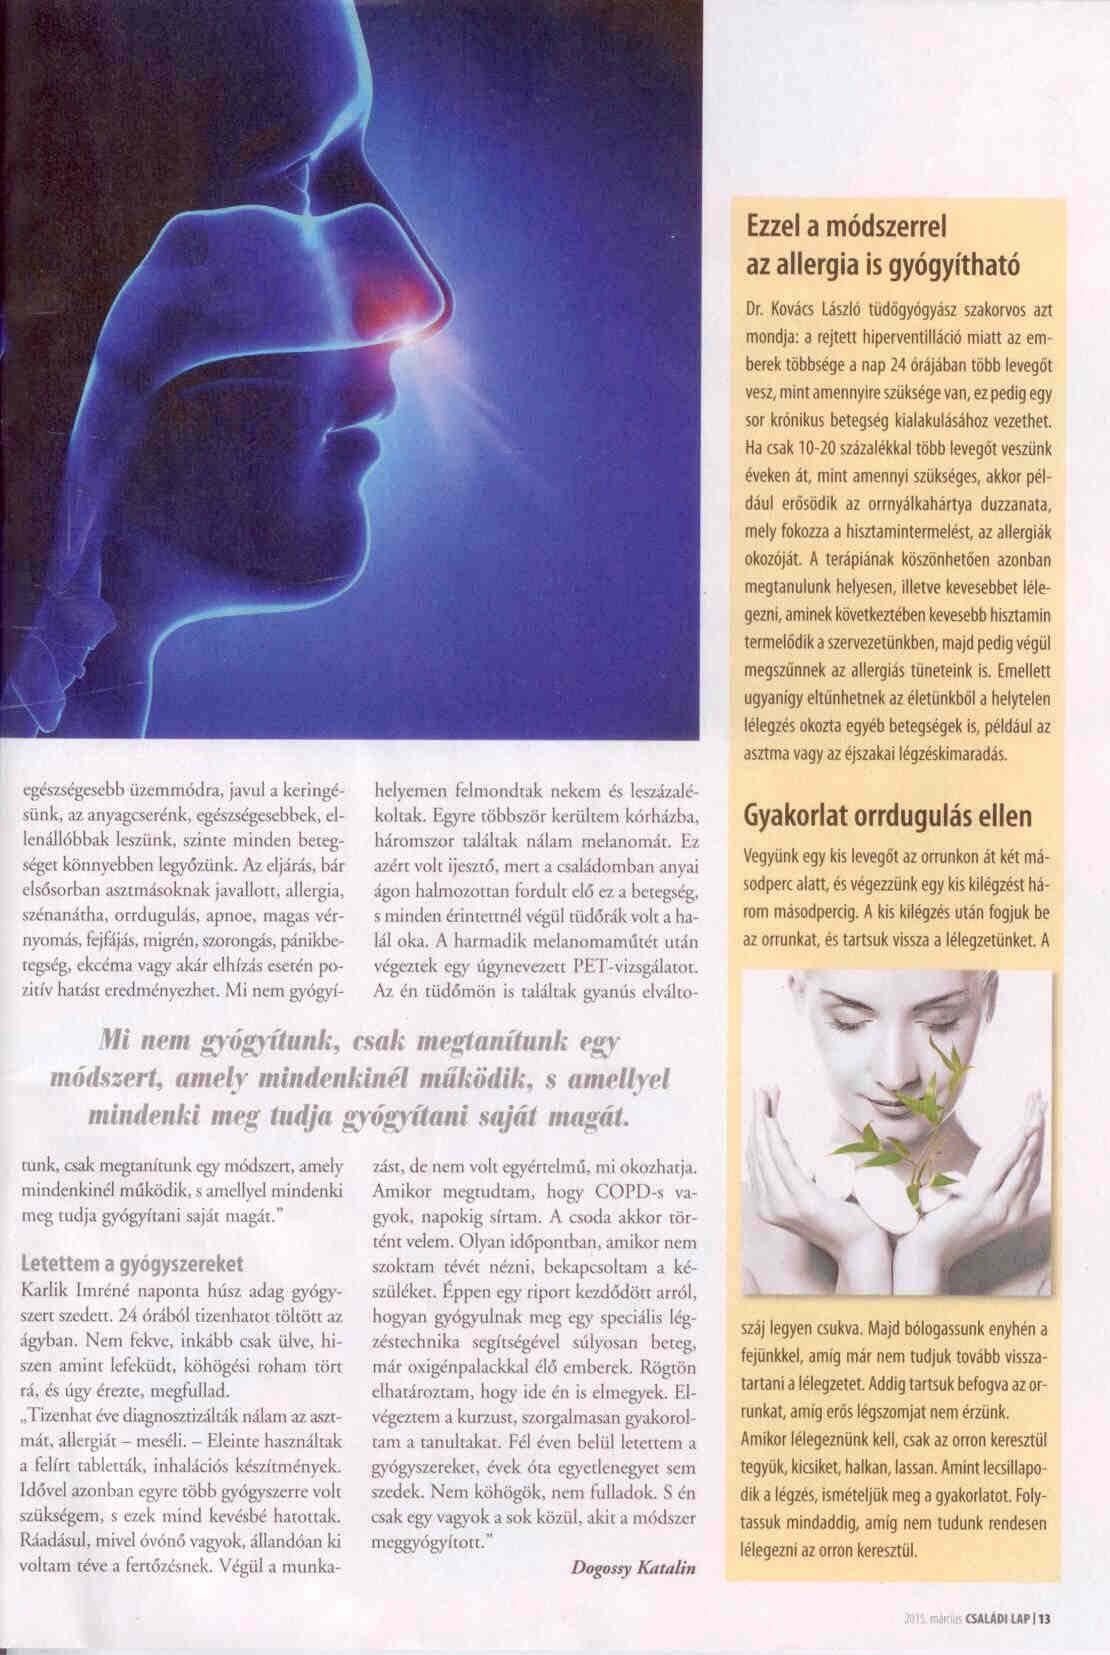 Légzési technikák légzés hipertónia esetén - andrea-design.hu